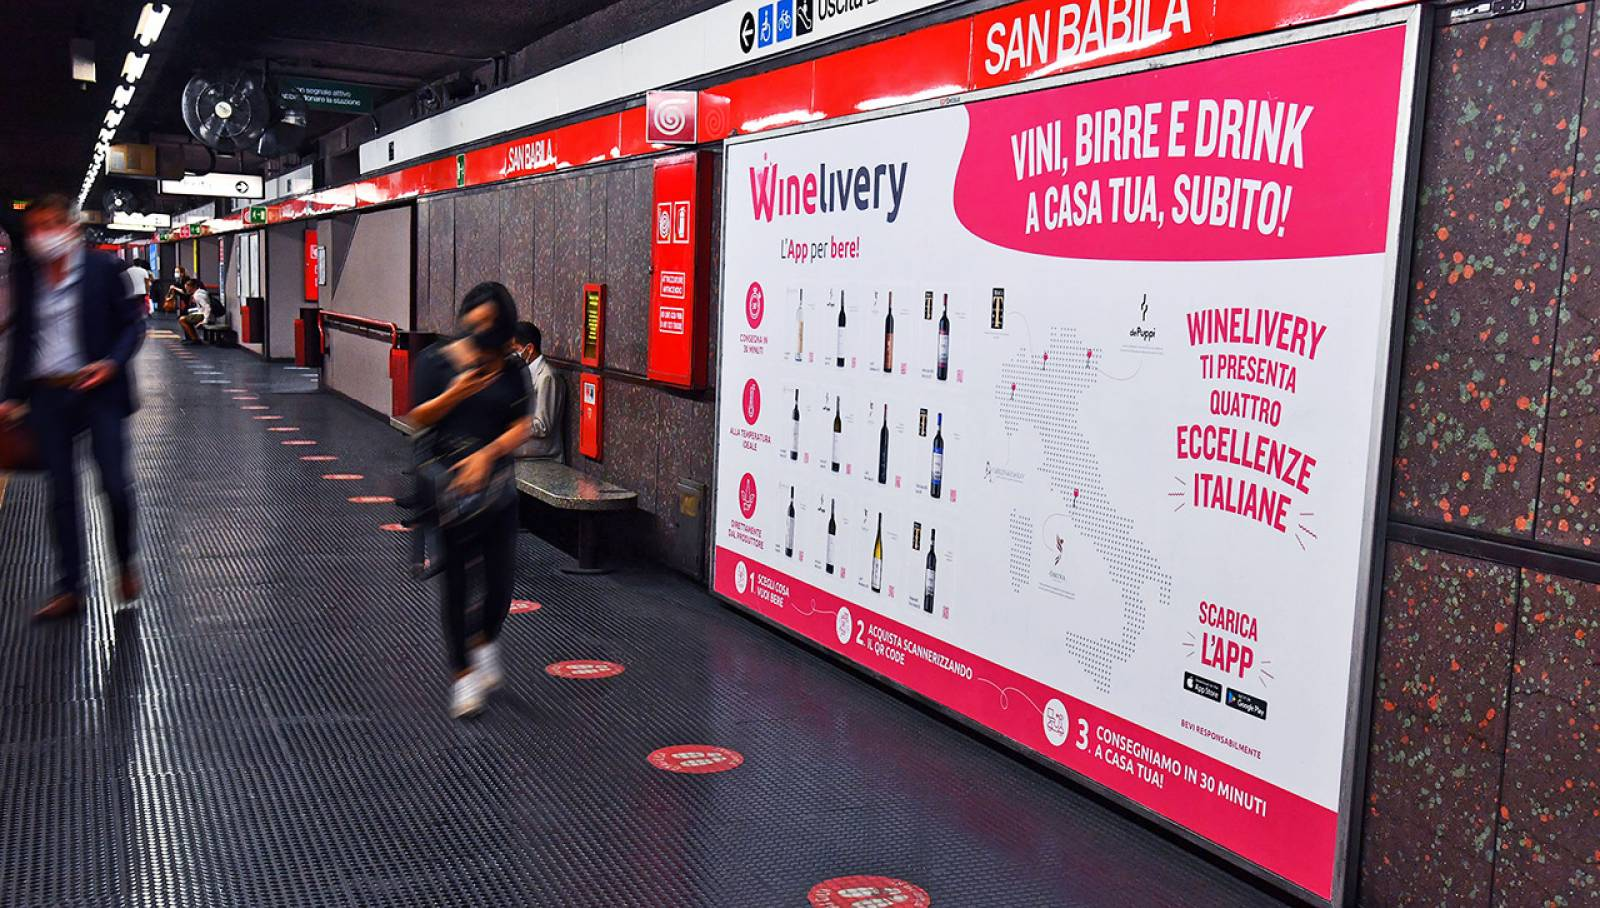 Pubblicità IGPDecaux Milano Circuito Mini in metropolitana per Winelivery